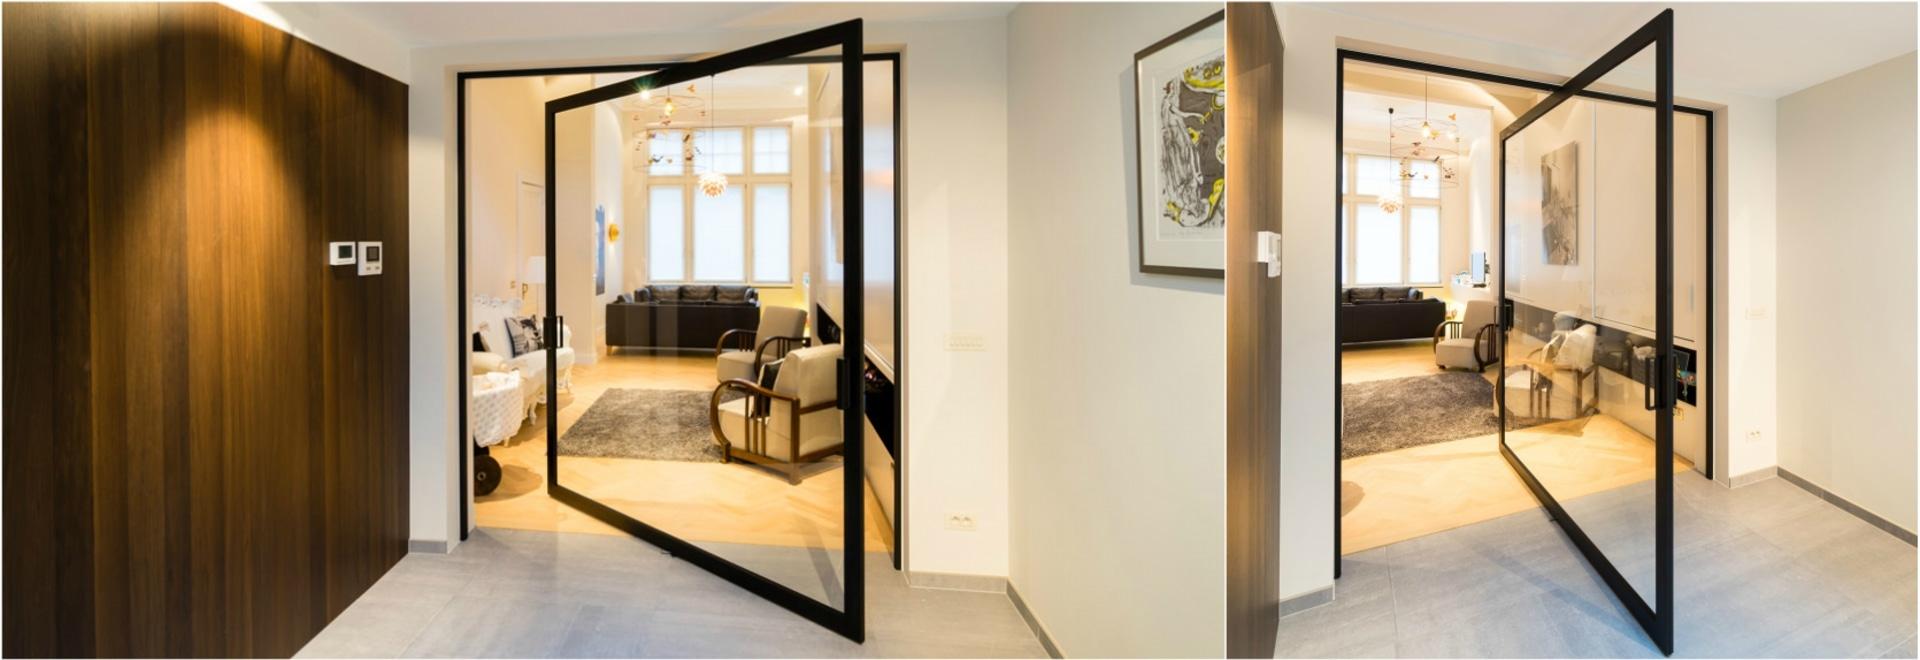 Impressive Room Divider concept receives a Red Dot product design award